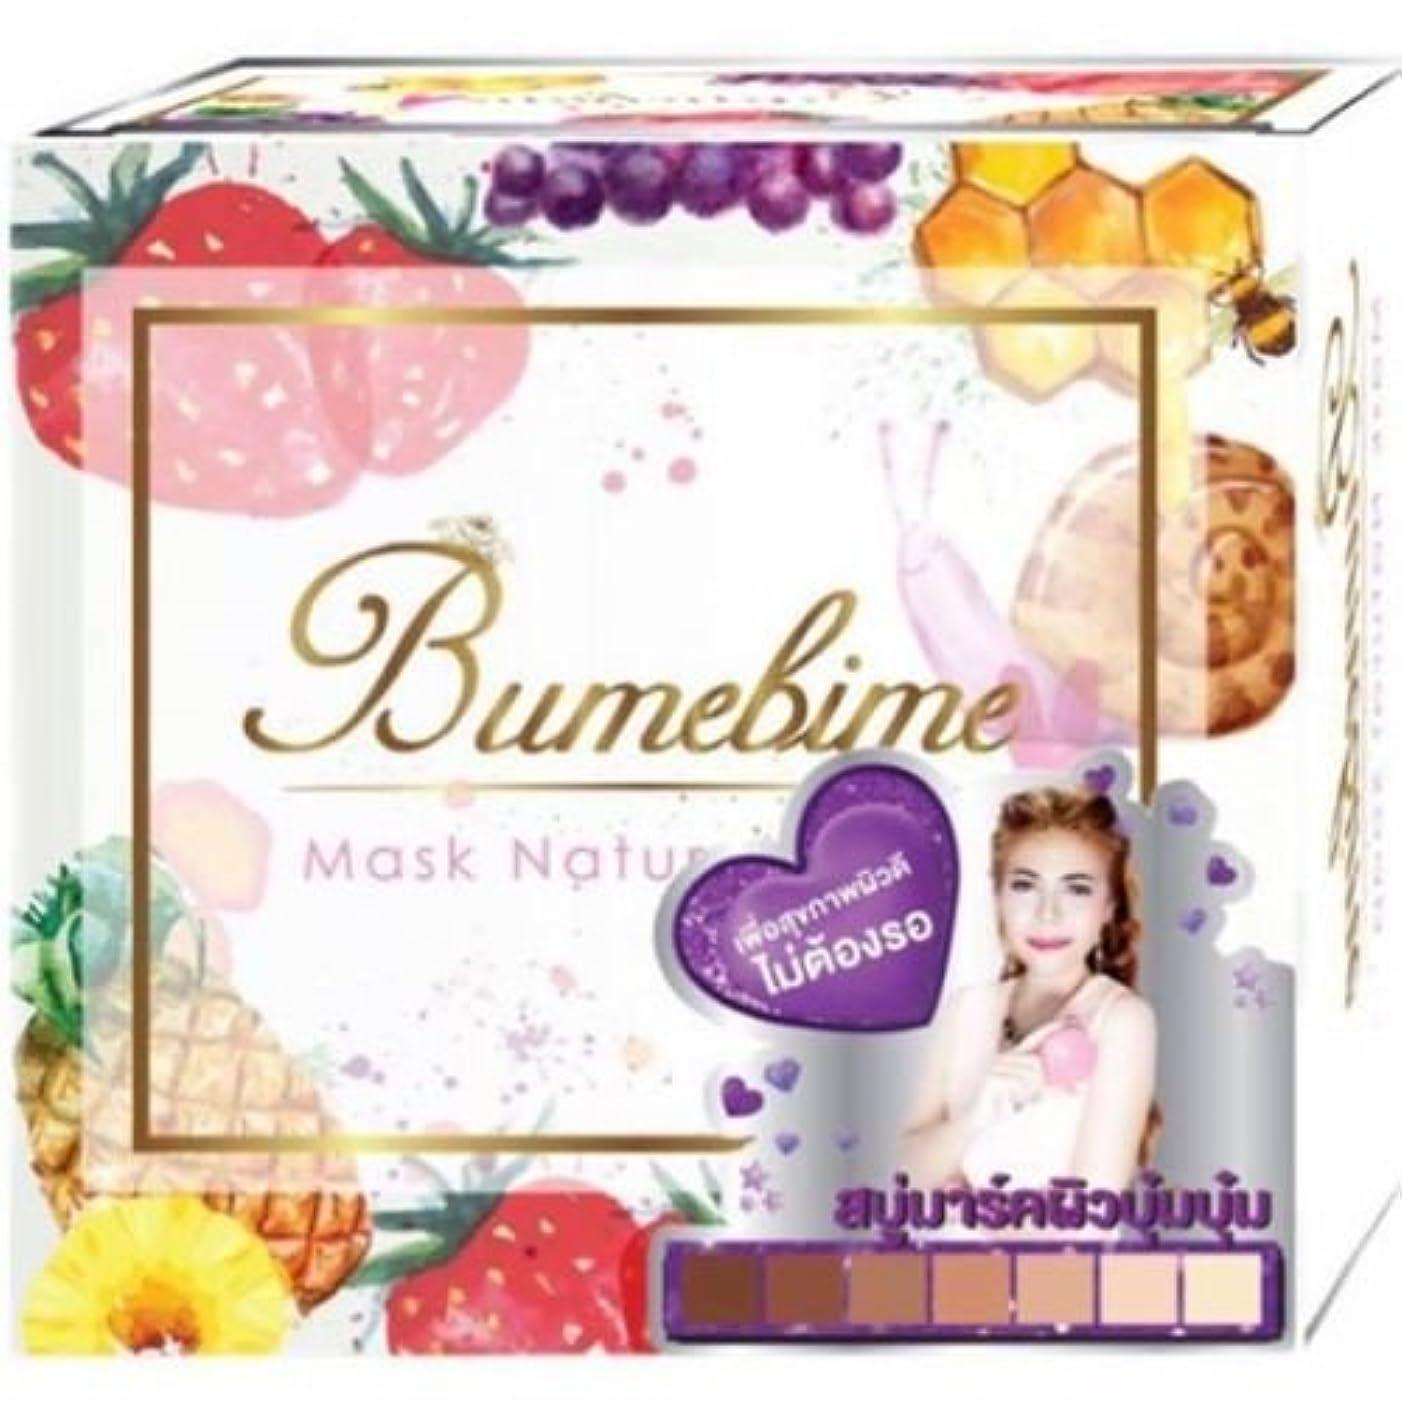 現象ウサギ遮る(1 x 100 g) bumebimeマスクNatural SoapスキンボディWhitening byトリプルW Shop